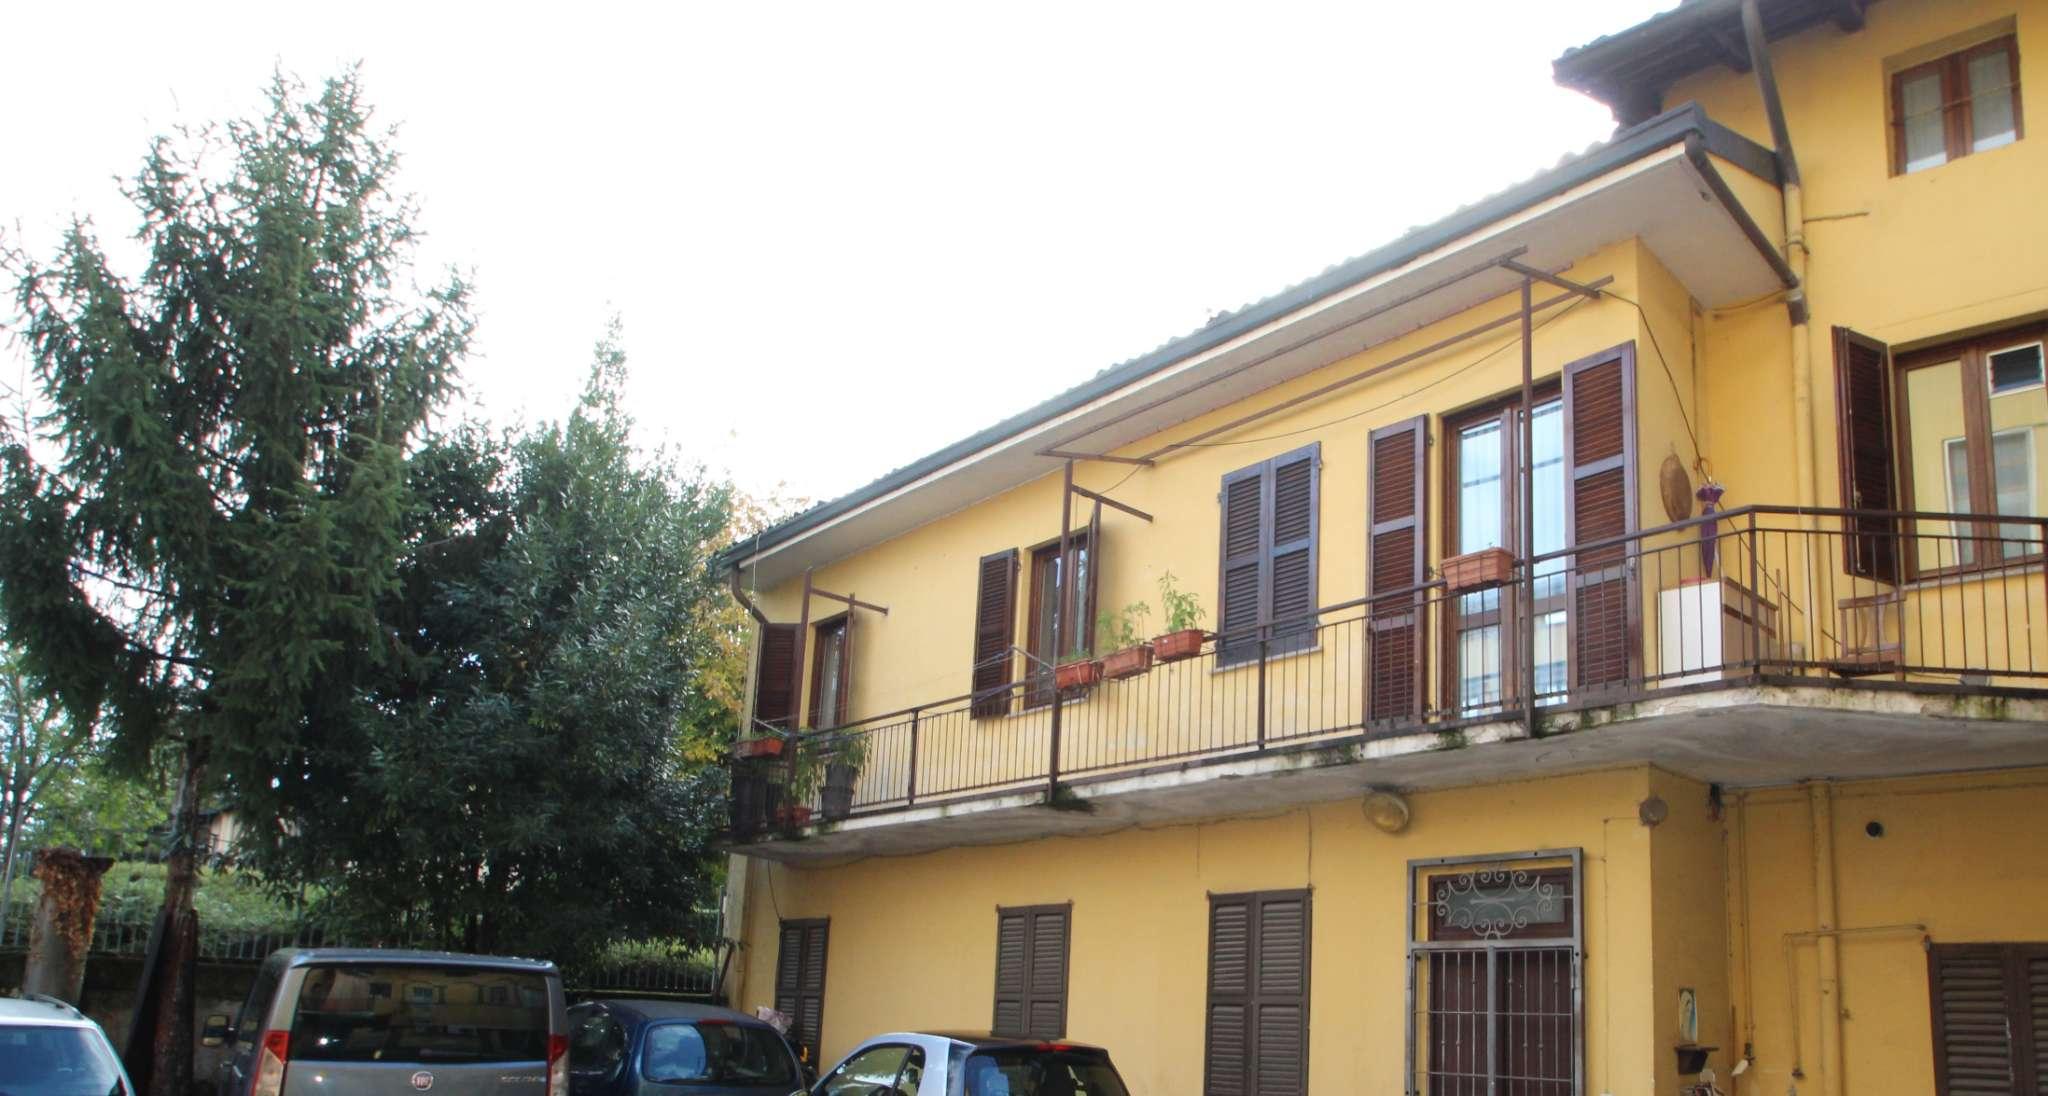 Appartamento in vendita a Capriate San Gervasio, 3 locali, prezzo € 80.000 | CambioCasa.it